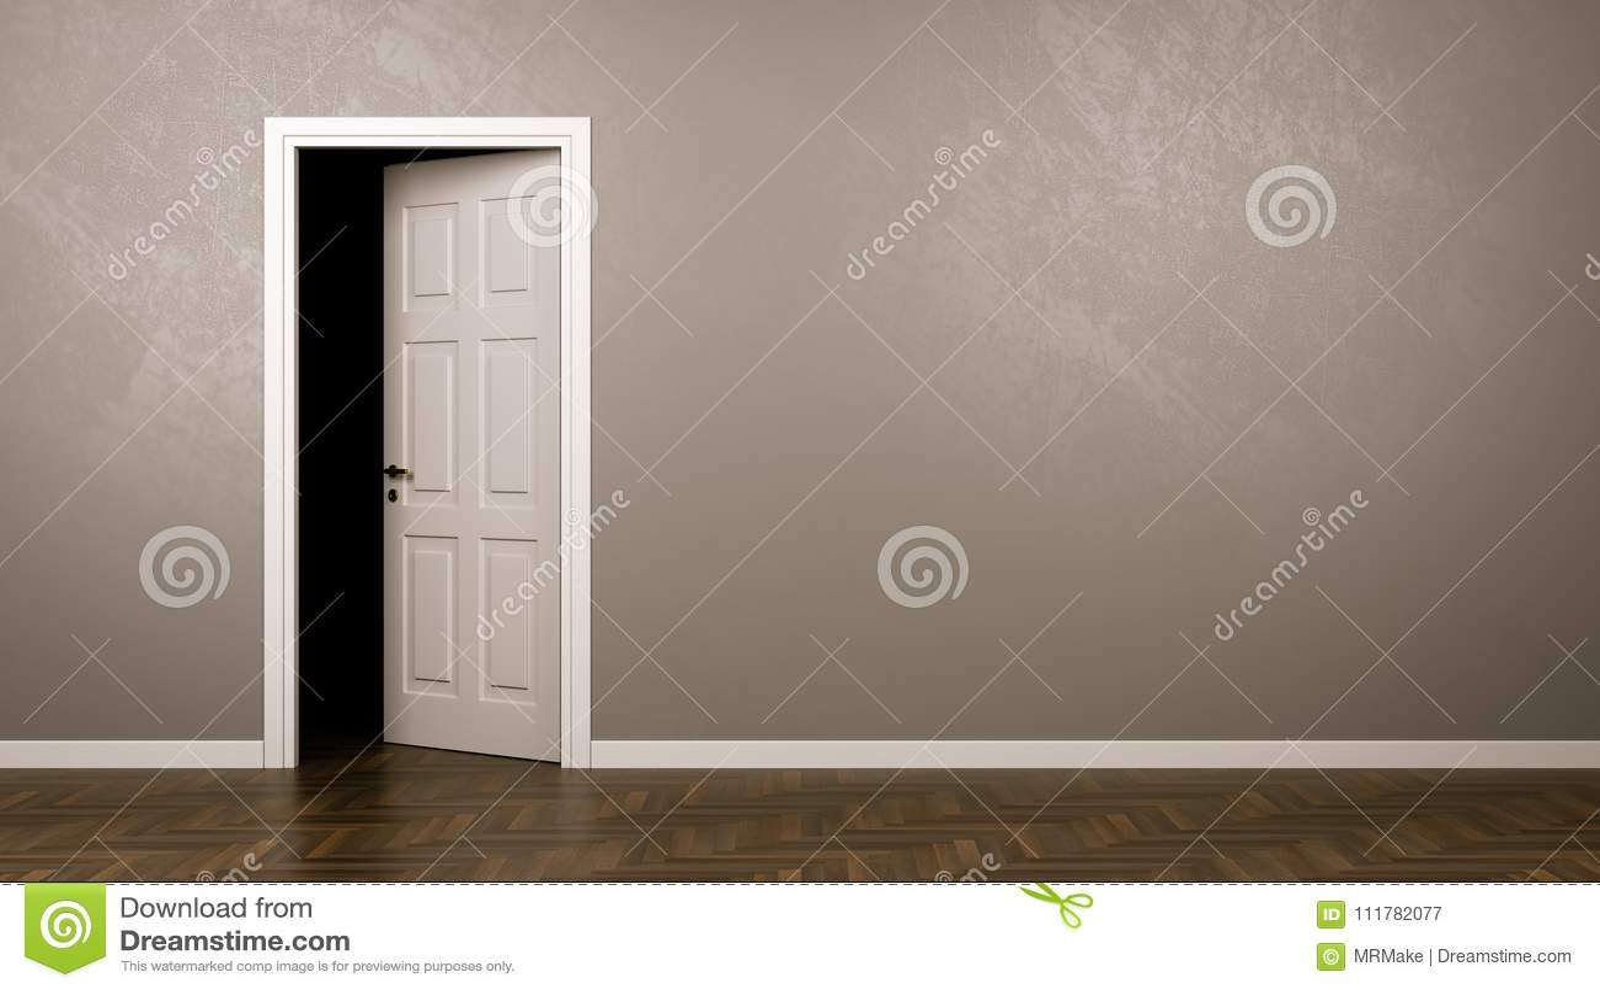 Darkness Behind the Door